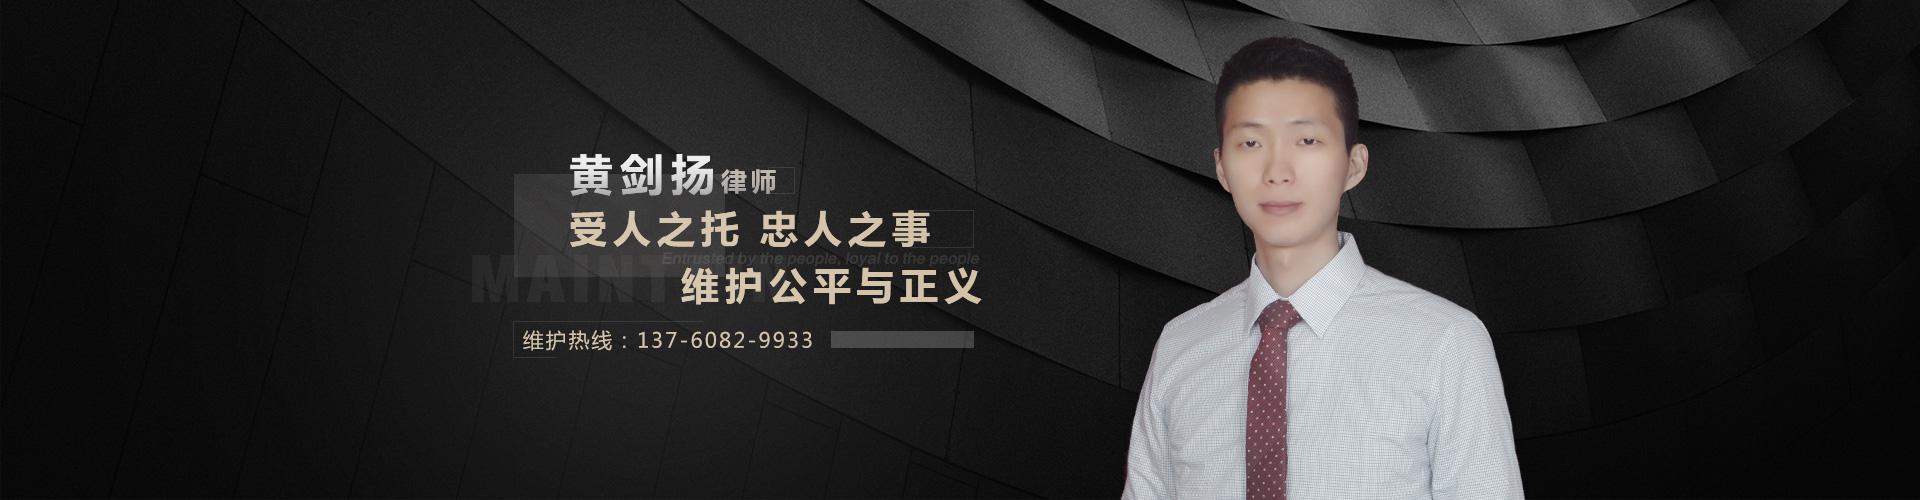 广东黄剑扬律师